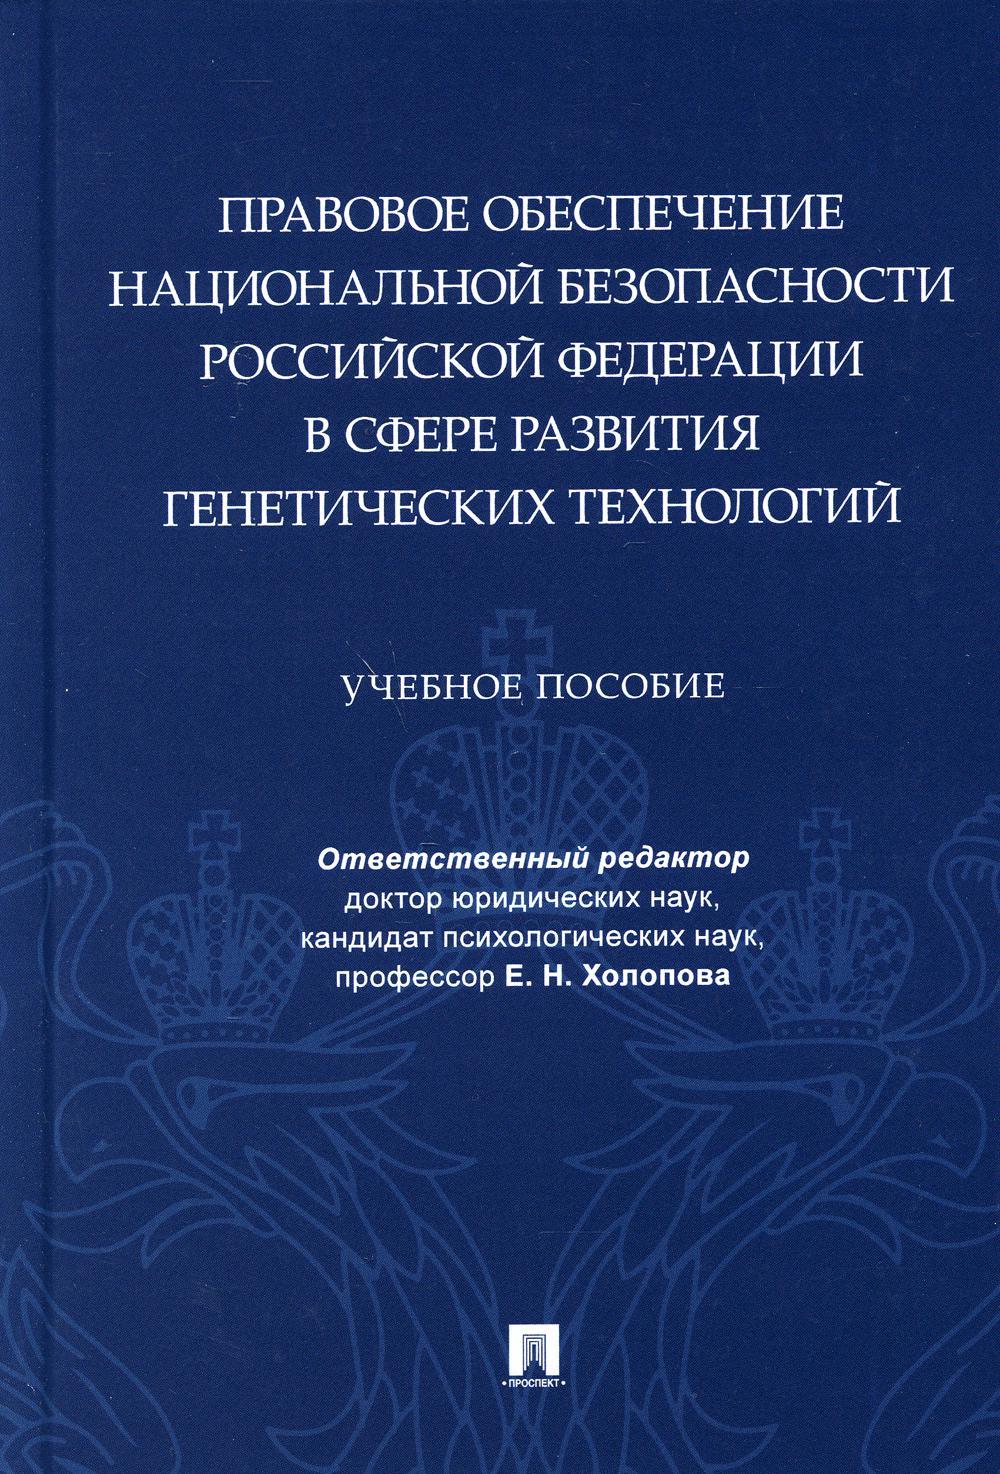 Правовое обеспечение национальной безопасности РФ в сфере развития генетических технологий: Учебное пособие